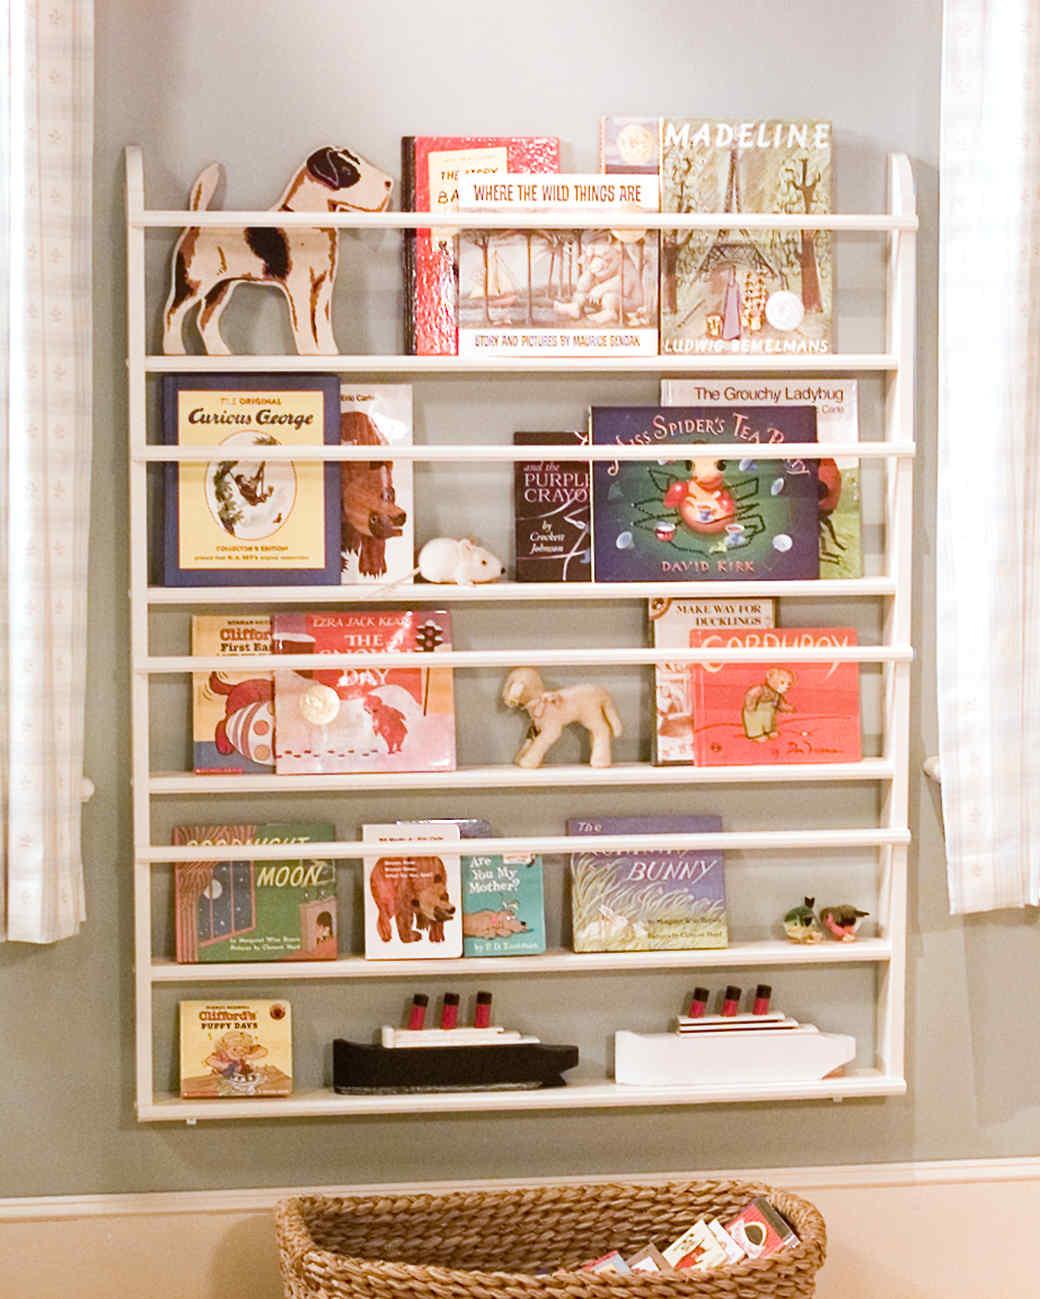 Making Children's Bookshelves